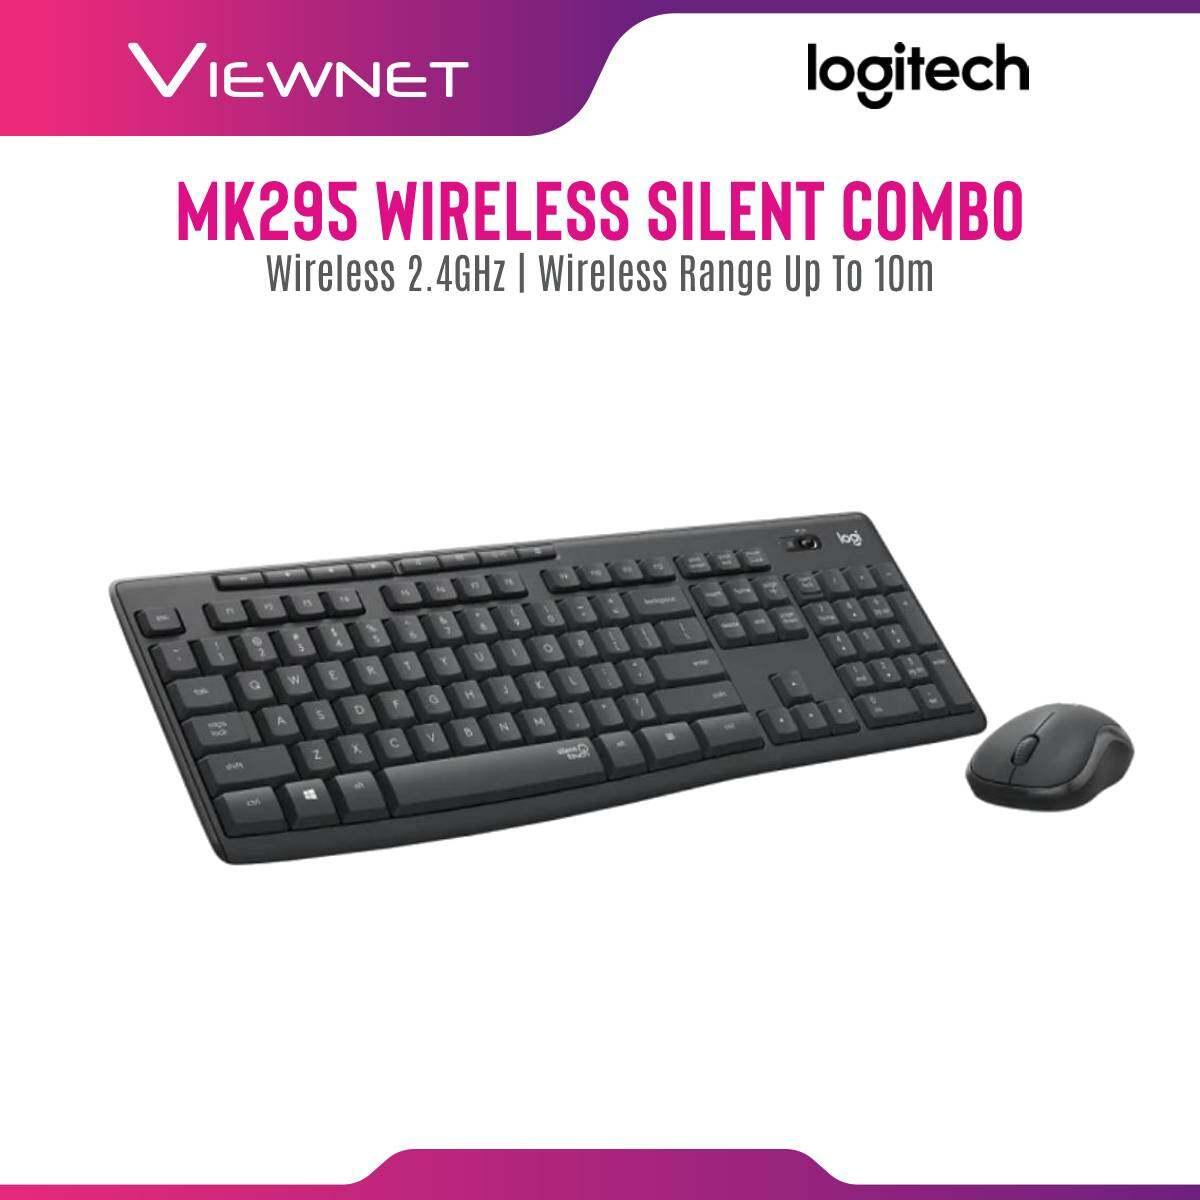 Logitech MK295 Wireless Silent Keyboard + Mouse Combo Desktop